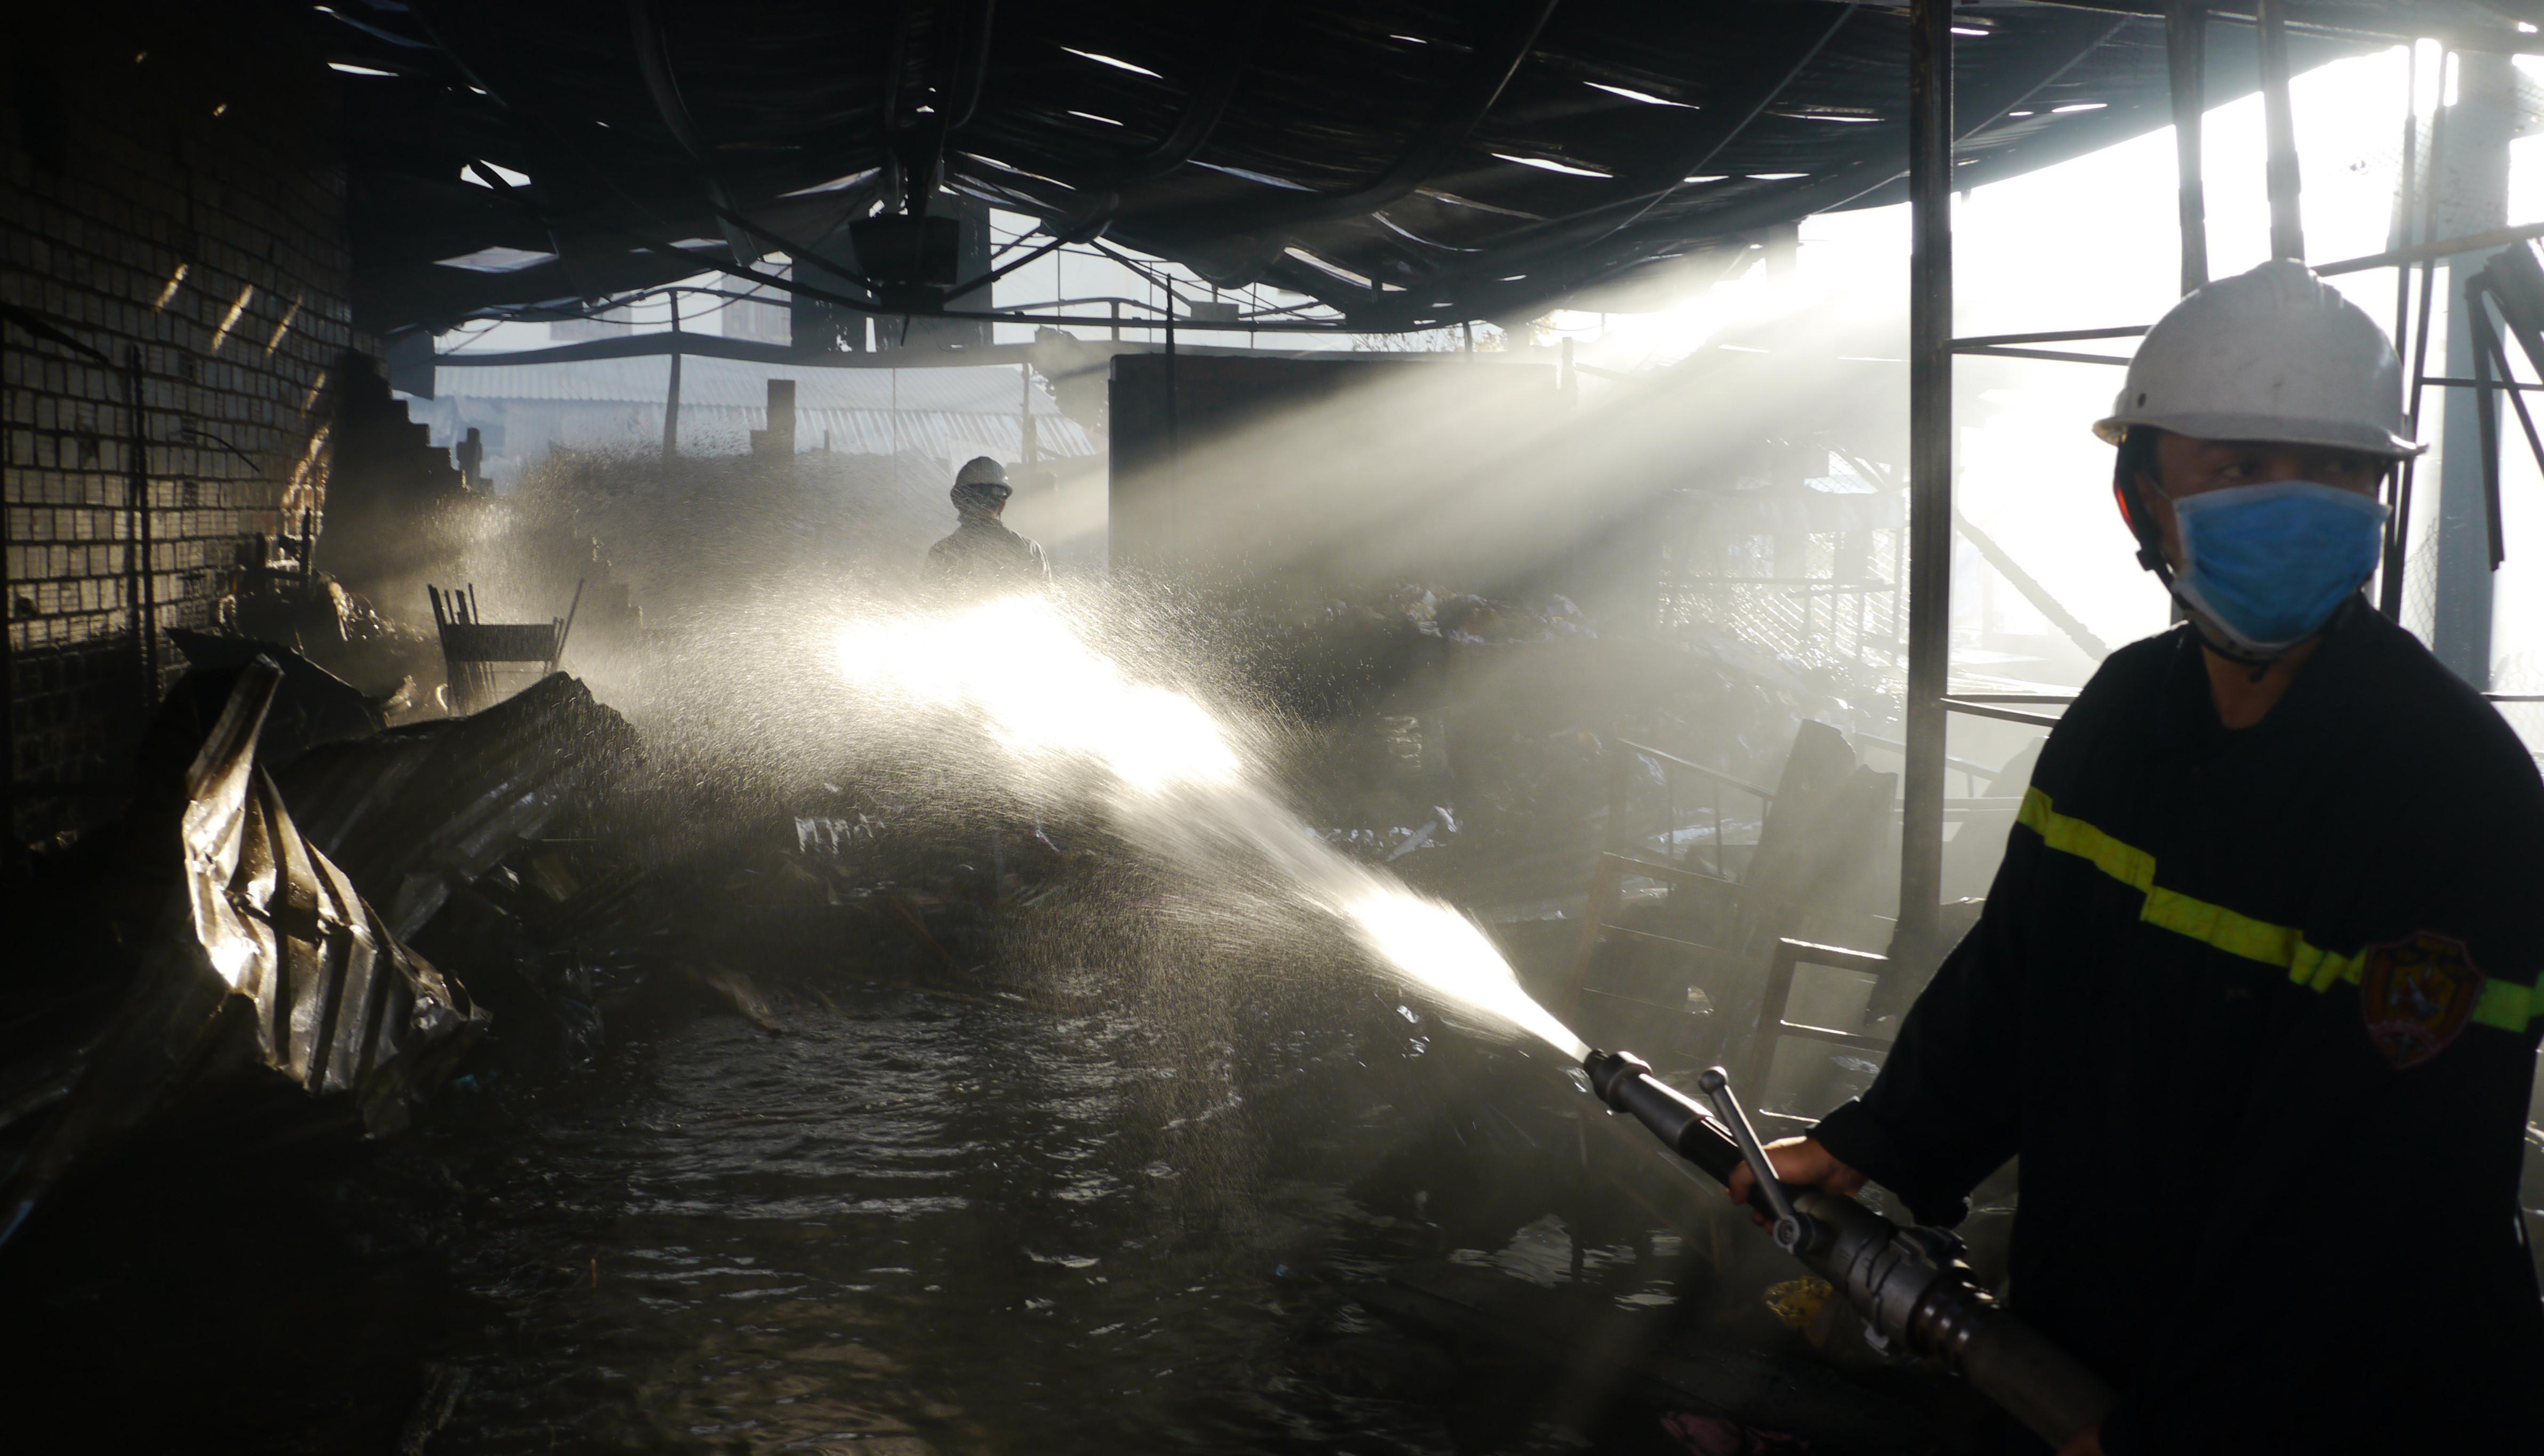 Cháy chợ Cây Xăng ở Quy Nhơn lúc rạng sáng, 2 bà cháu được cứu kịp thời Ảnh 2